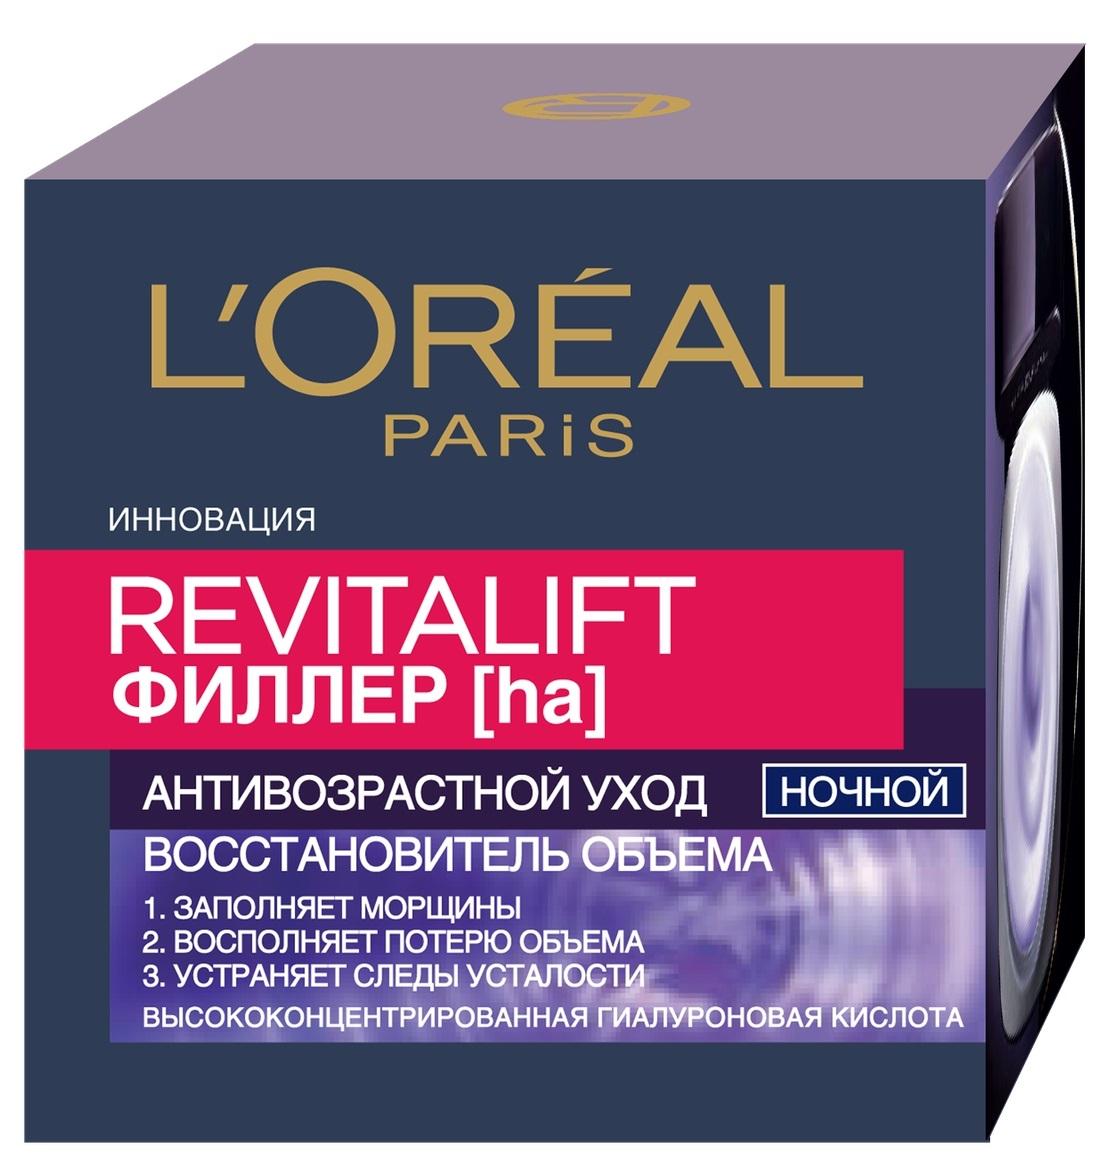 LOreal Paris Revitalift Филлер [ha] Ночной антивозрастной крем против морщин для лица, 50млA8674400Ночной антивозрастной крем «Revitalift Филлер»стимулирует процессы регенерации на клеточном уровне, ускоряет выработку коллагена иповышает эластичность и упругость кожи. Растительный экстракт галанги активно восстанавливает кожу во время ночного сна, сокращая следы усталости. Его уникальная формула обогащена высококонцентрированной гиалуроновой кислотой, способствующей увлажнению и удержанию влаги в глубоких слоях кожи.Ночной уход для лица улучшает клеточное обновление, сокращает морщины и разглаживает кожу и восполняет потерю объема.